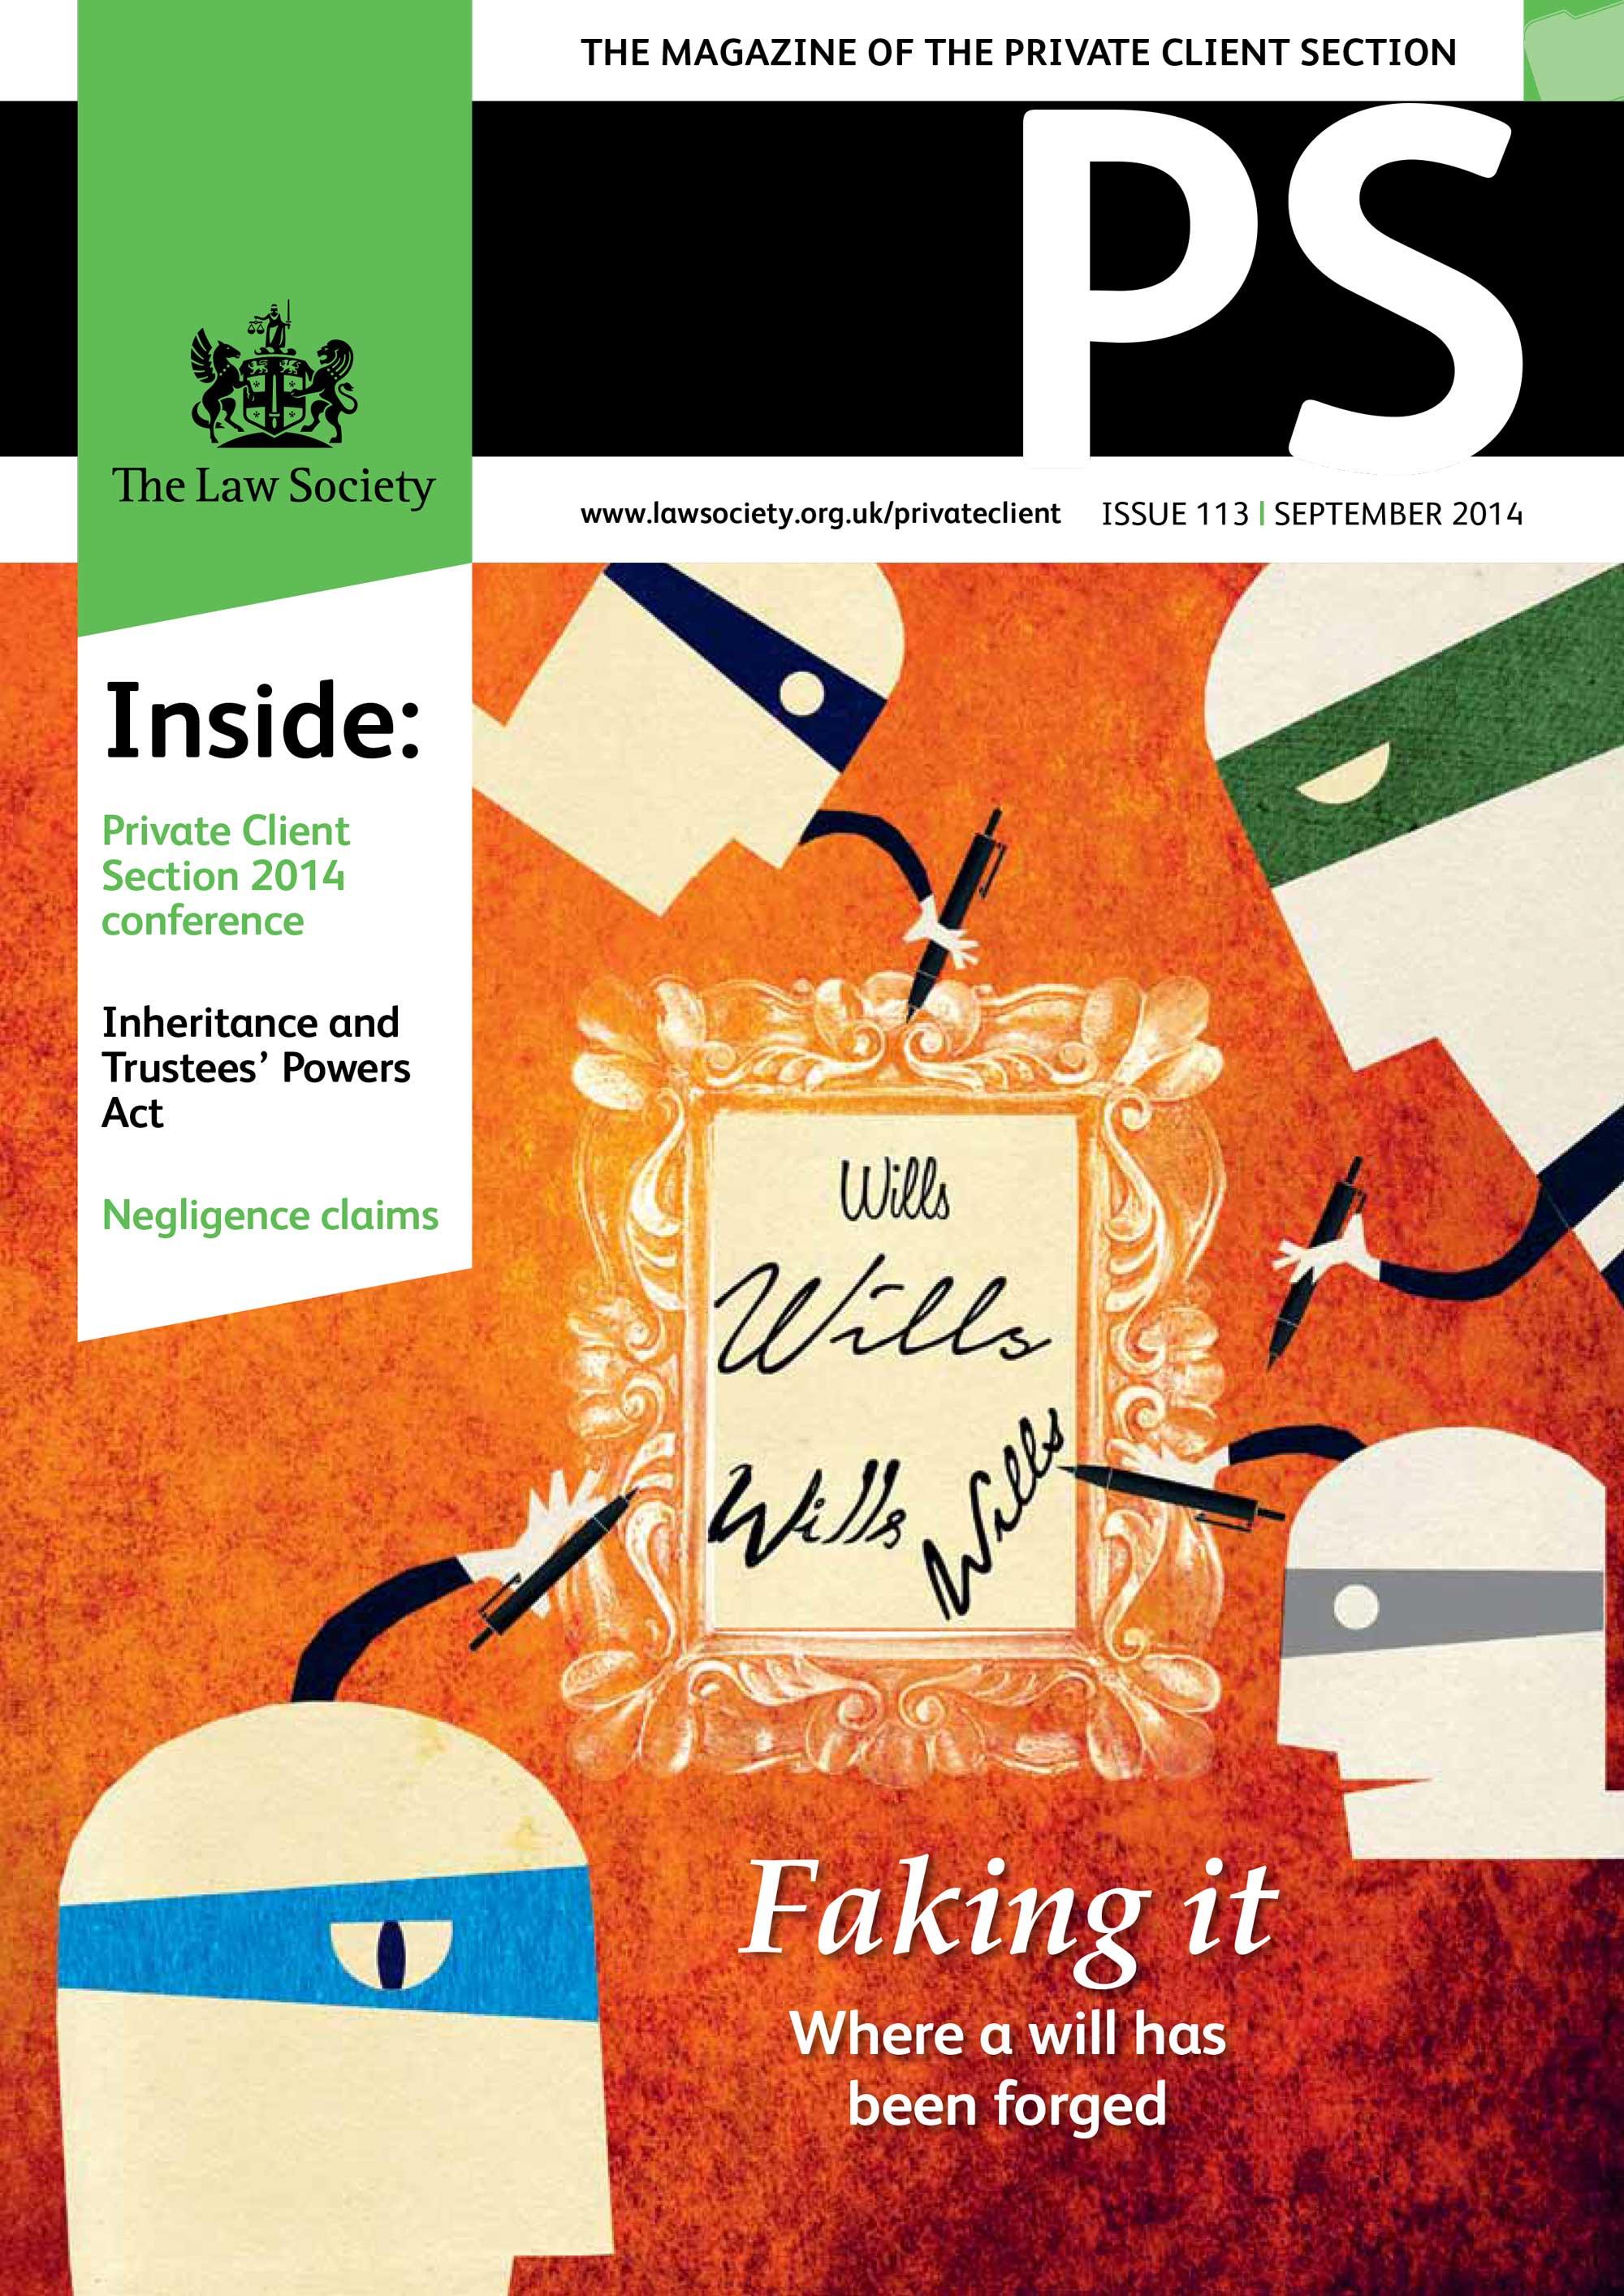 PS September 2014 Cover